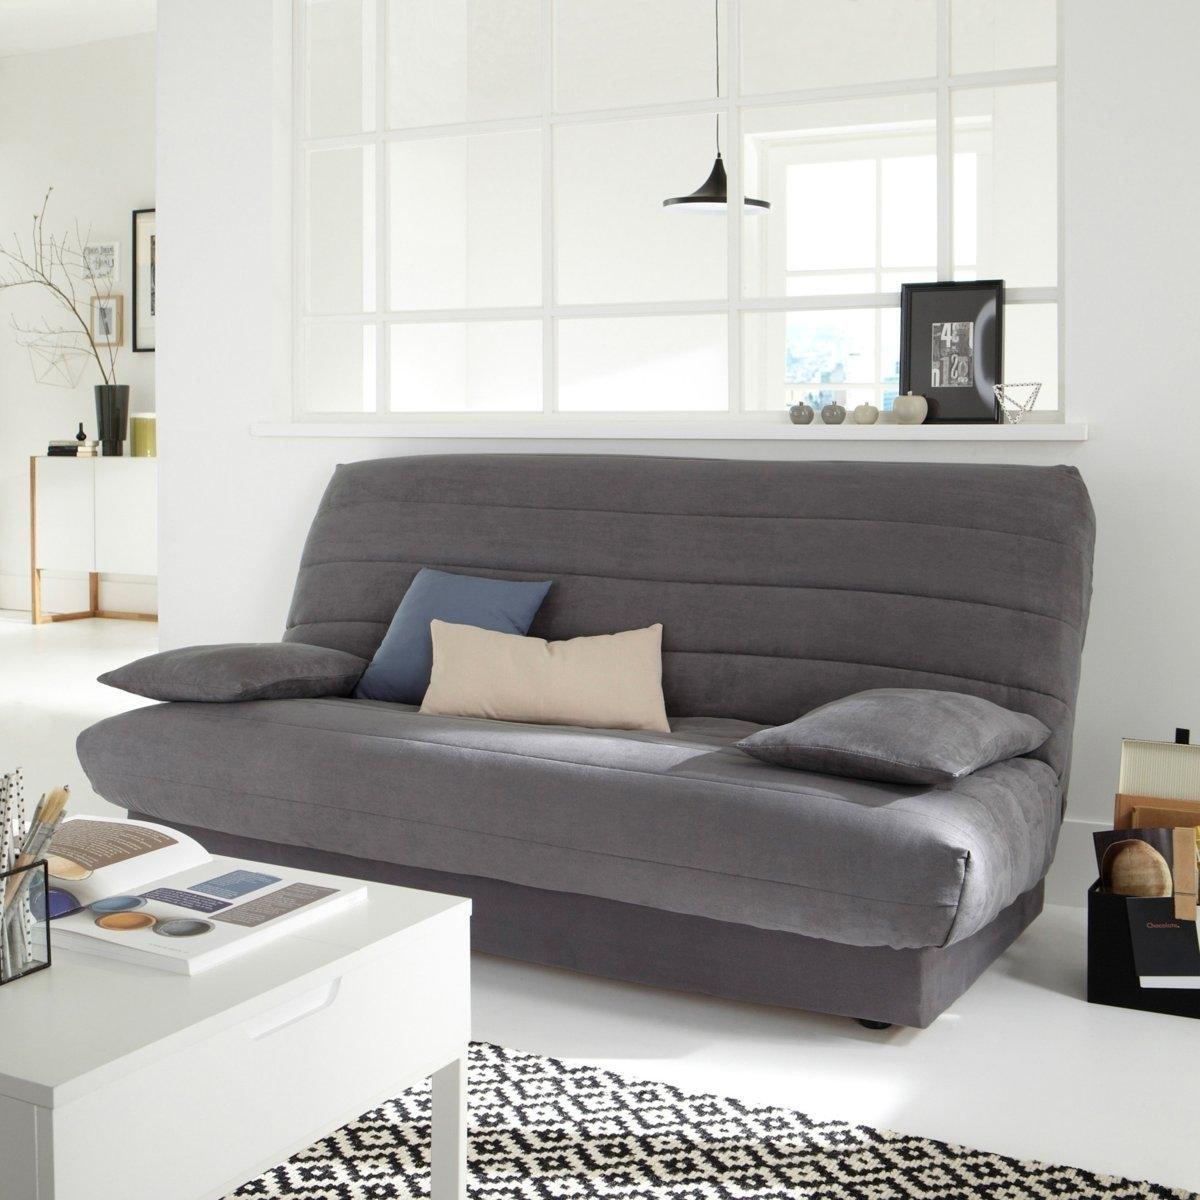 цена на Чехол La Redoute Для раскладного дивана из искусственной замши единый размер серый